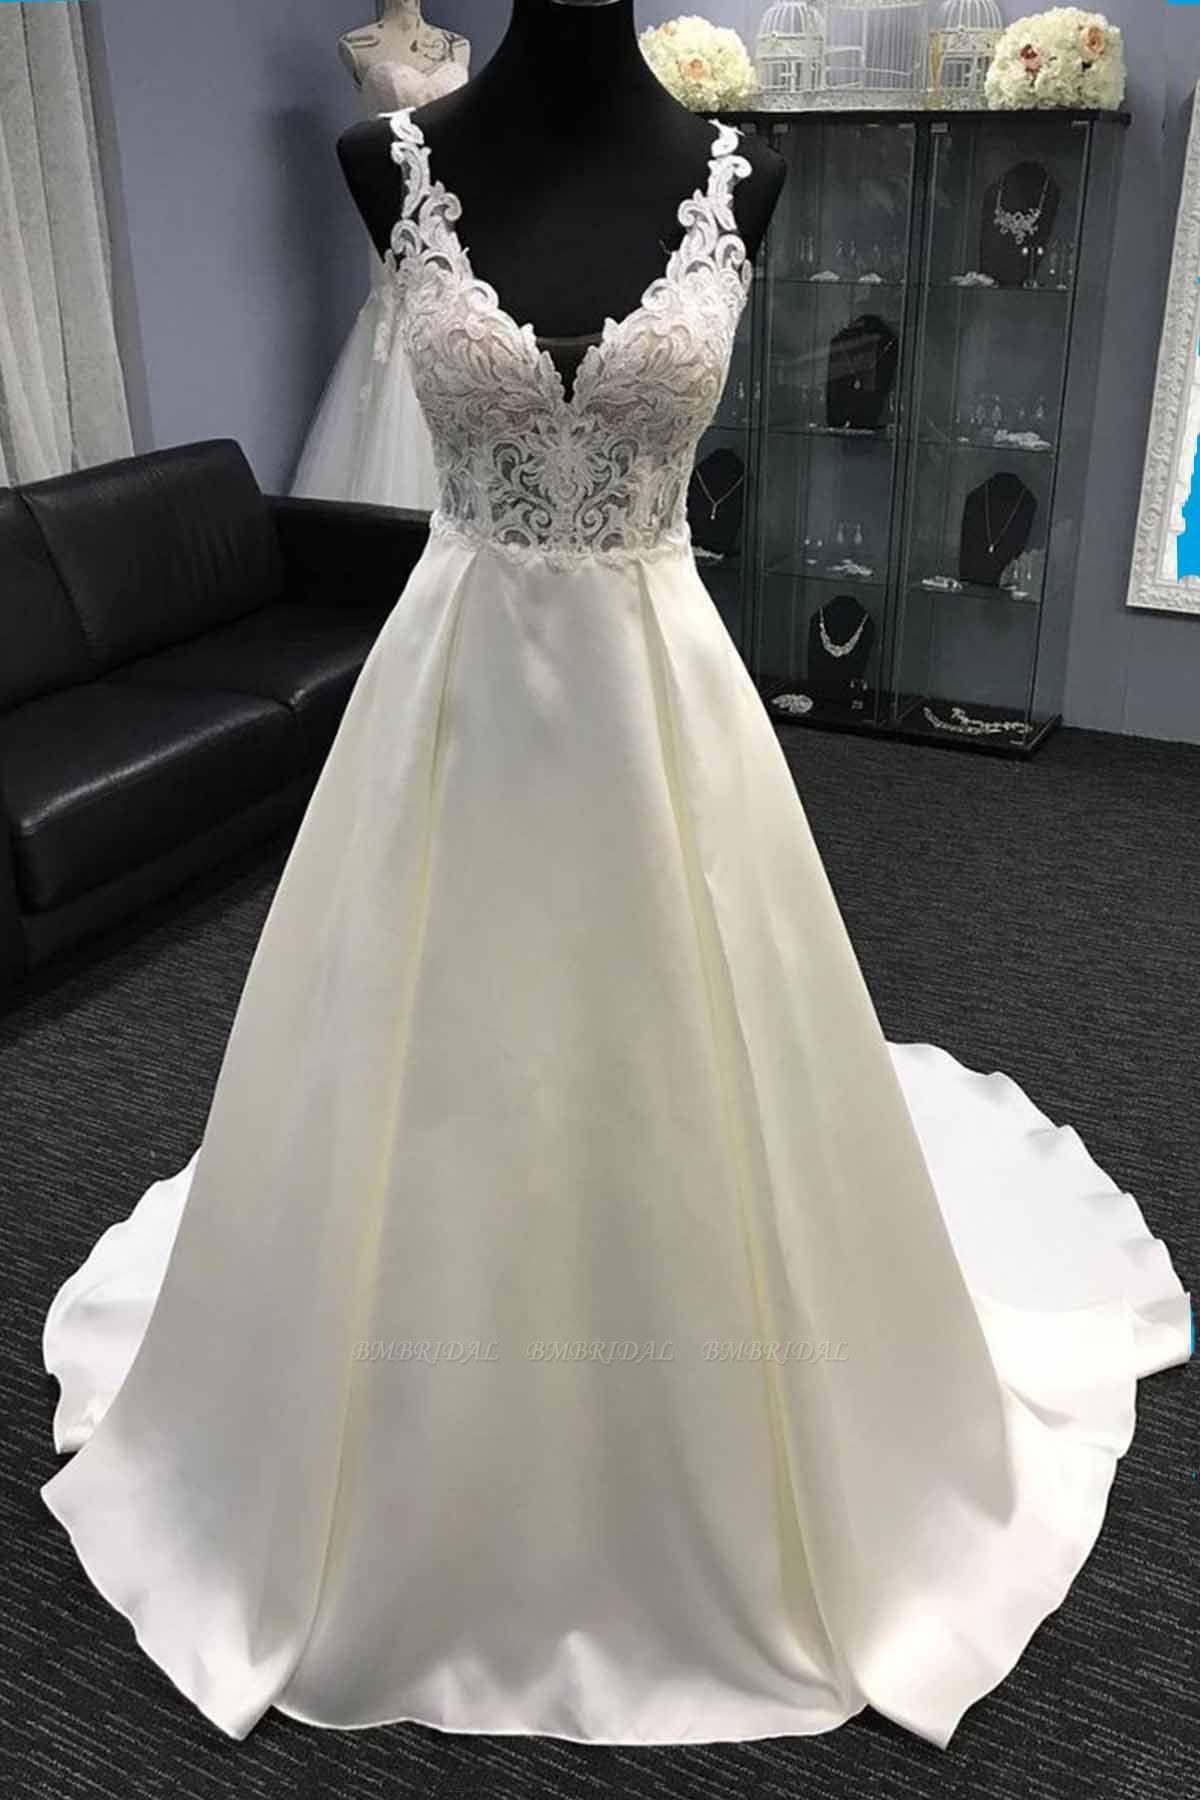 Glamorous White Satin V-Neck Wedding Dress A-Line Halter Bridal Gowns On Sale